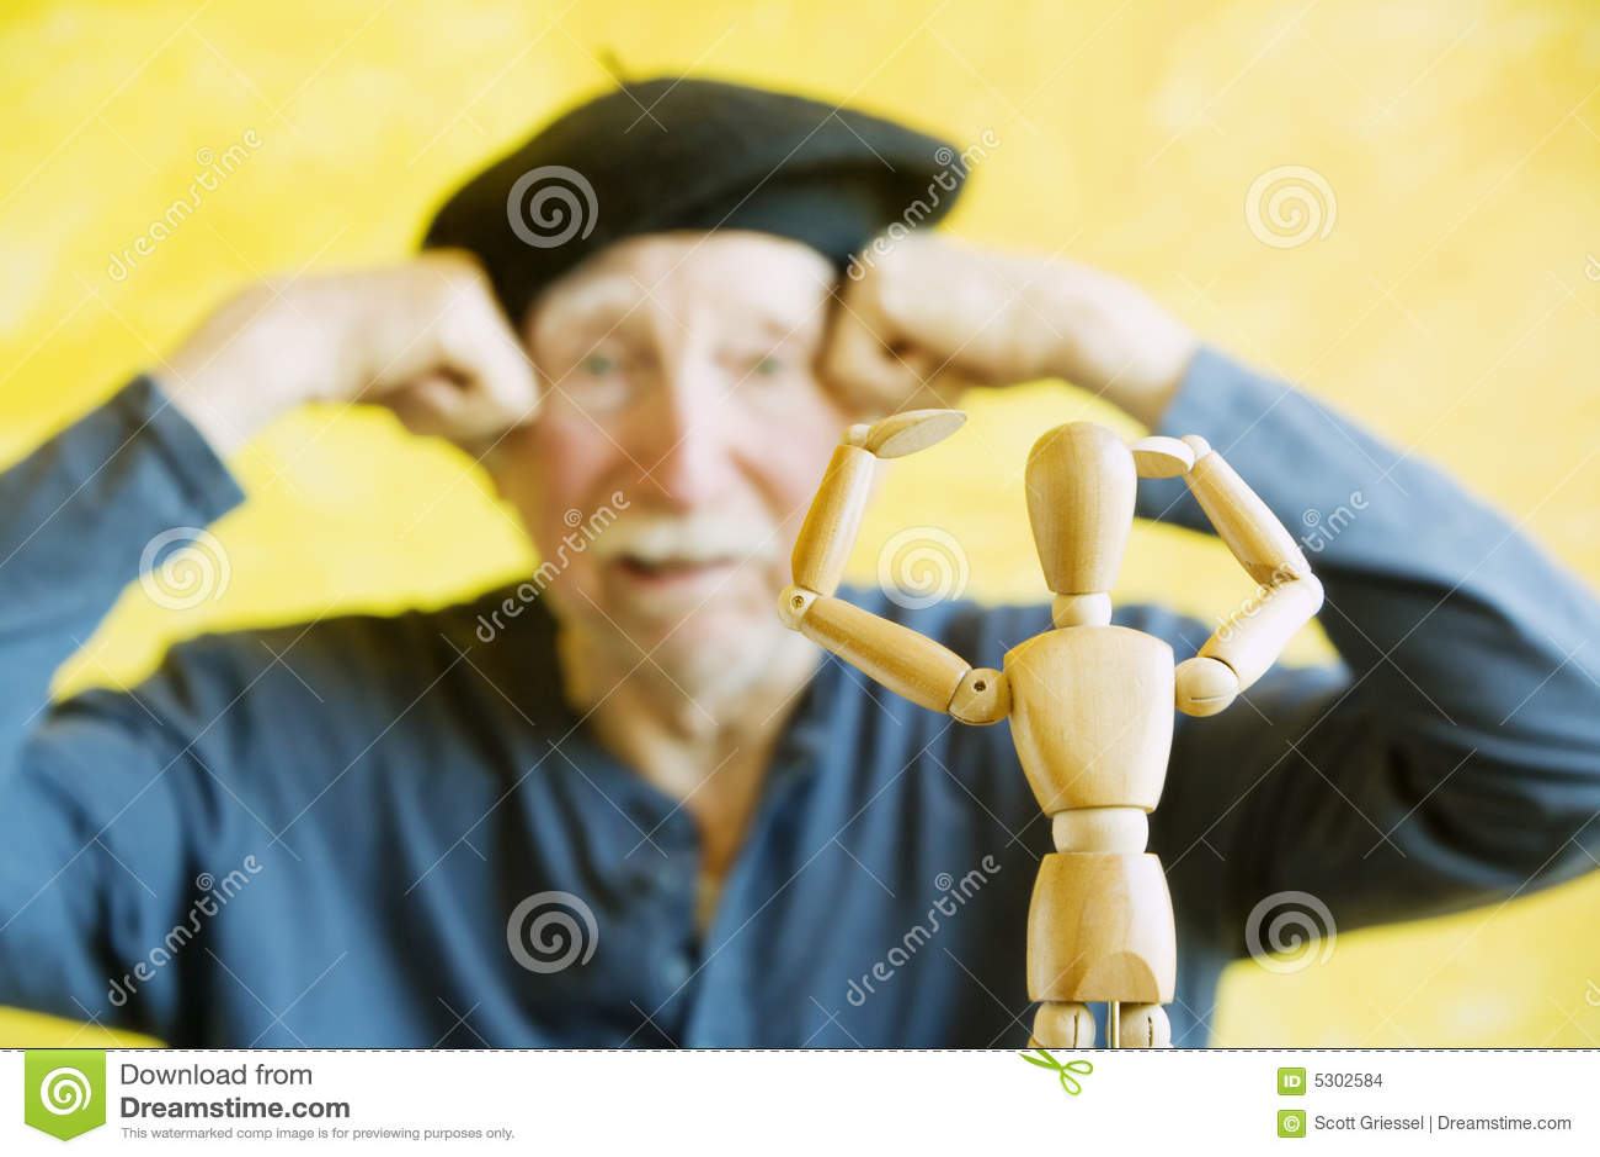 Download L'artista Imita Una Figura Di Legno Fotografia Stock - Immagine di arte, specchio: 5302584